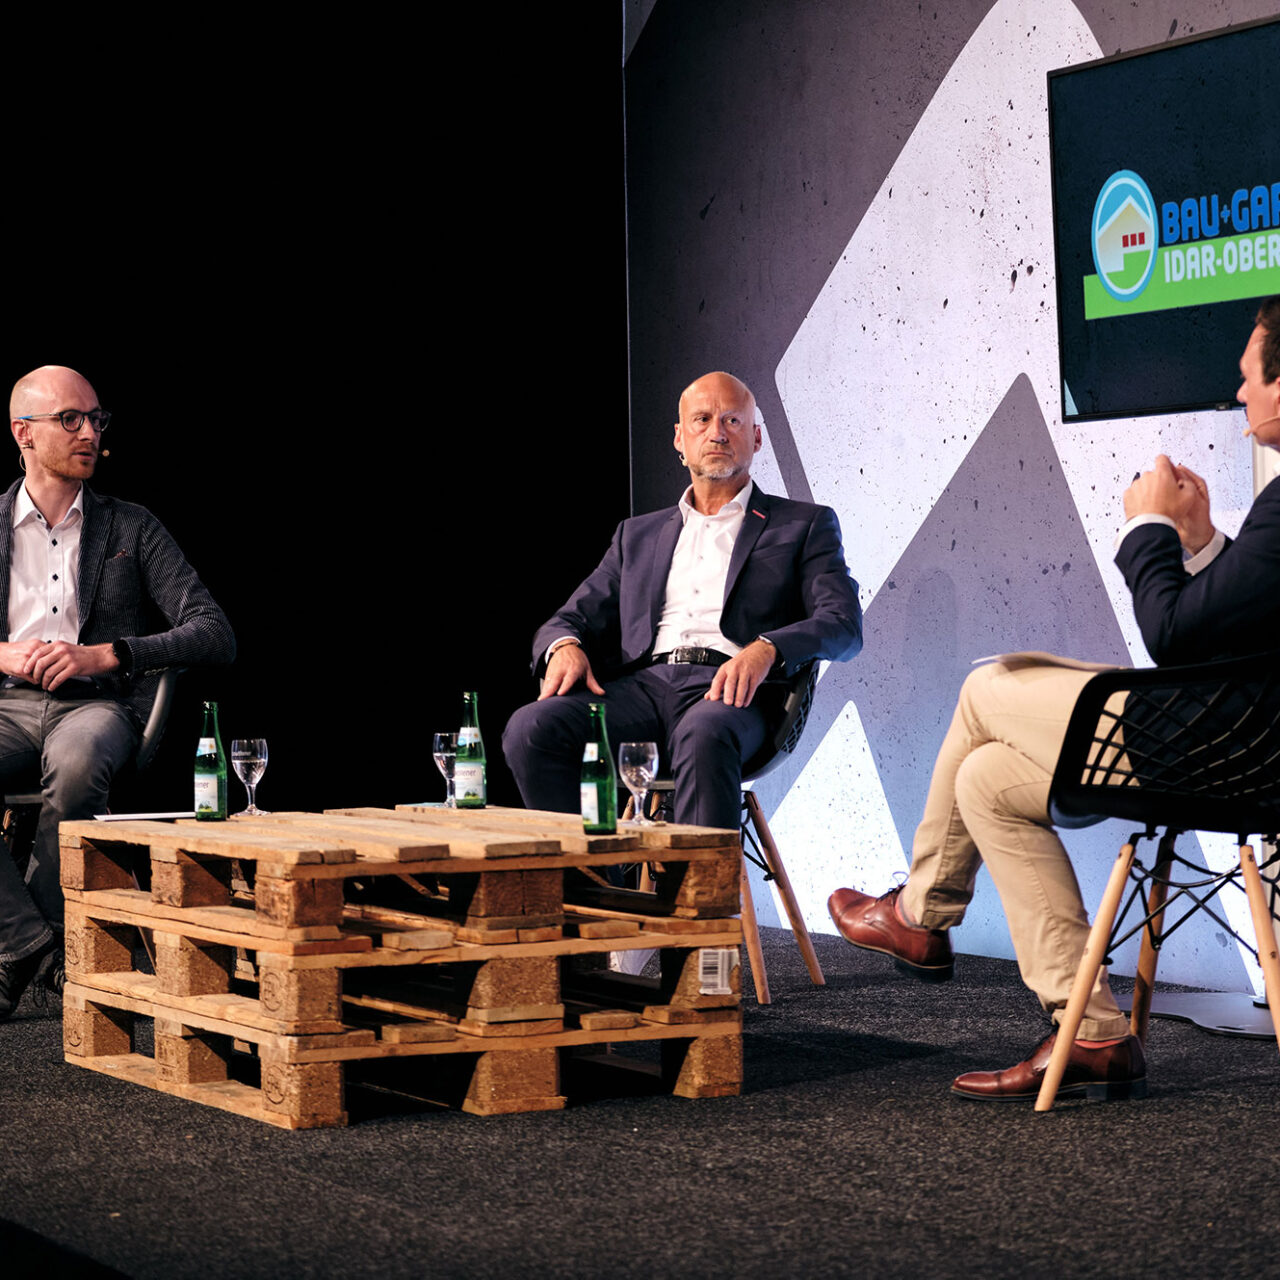 BAU+Garten Digital 2021 - Foto © Vincent Dommer 25: Jonas Klein (IHK) Und Michael Fuhr (HWK) Im Gespräch Mit Messechef Mirko Arend (von Links).